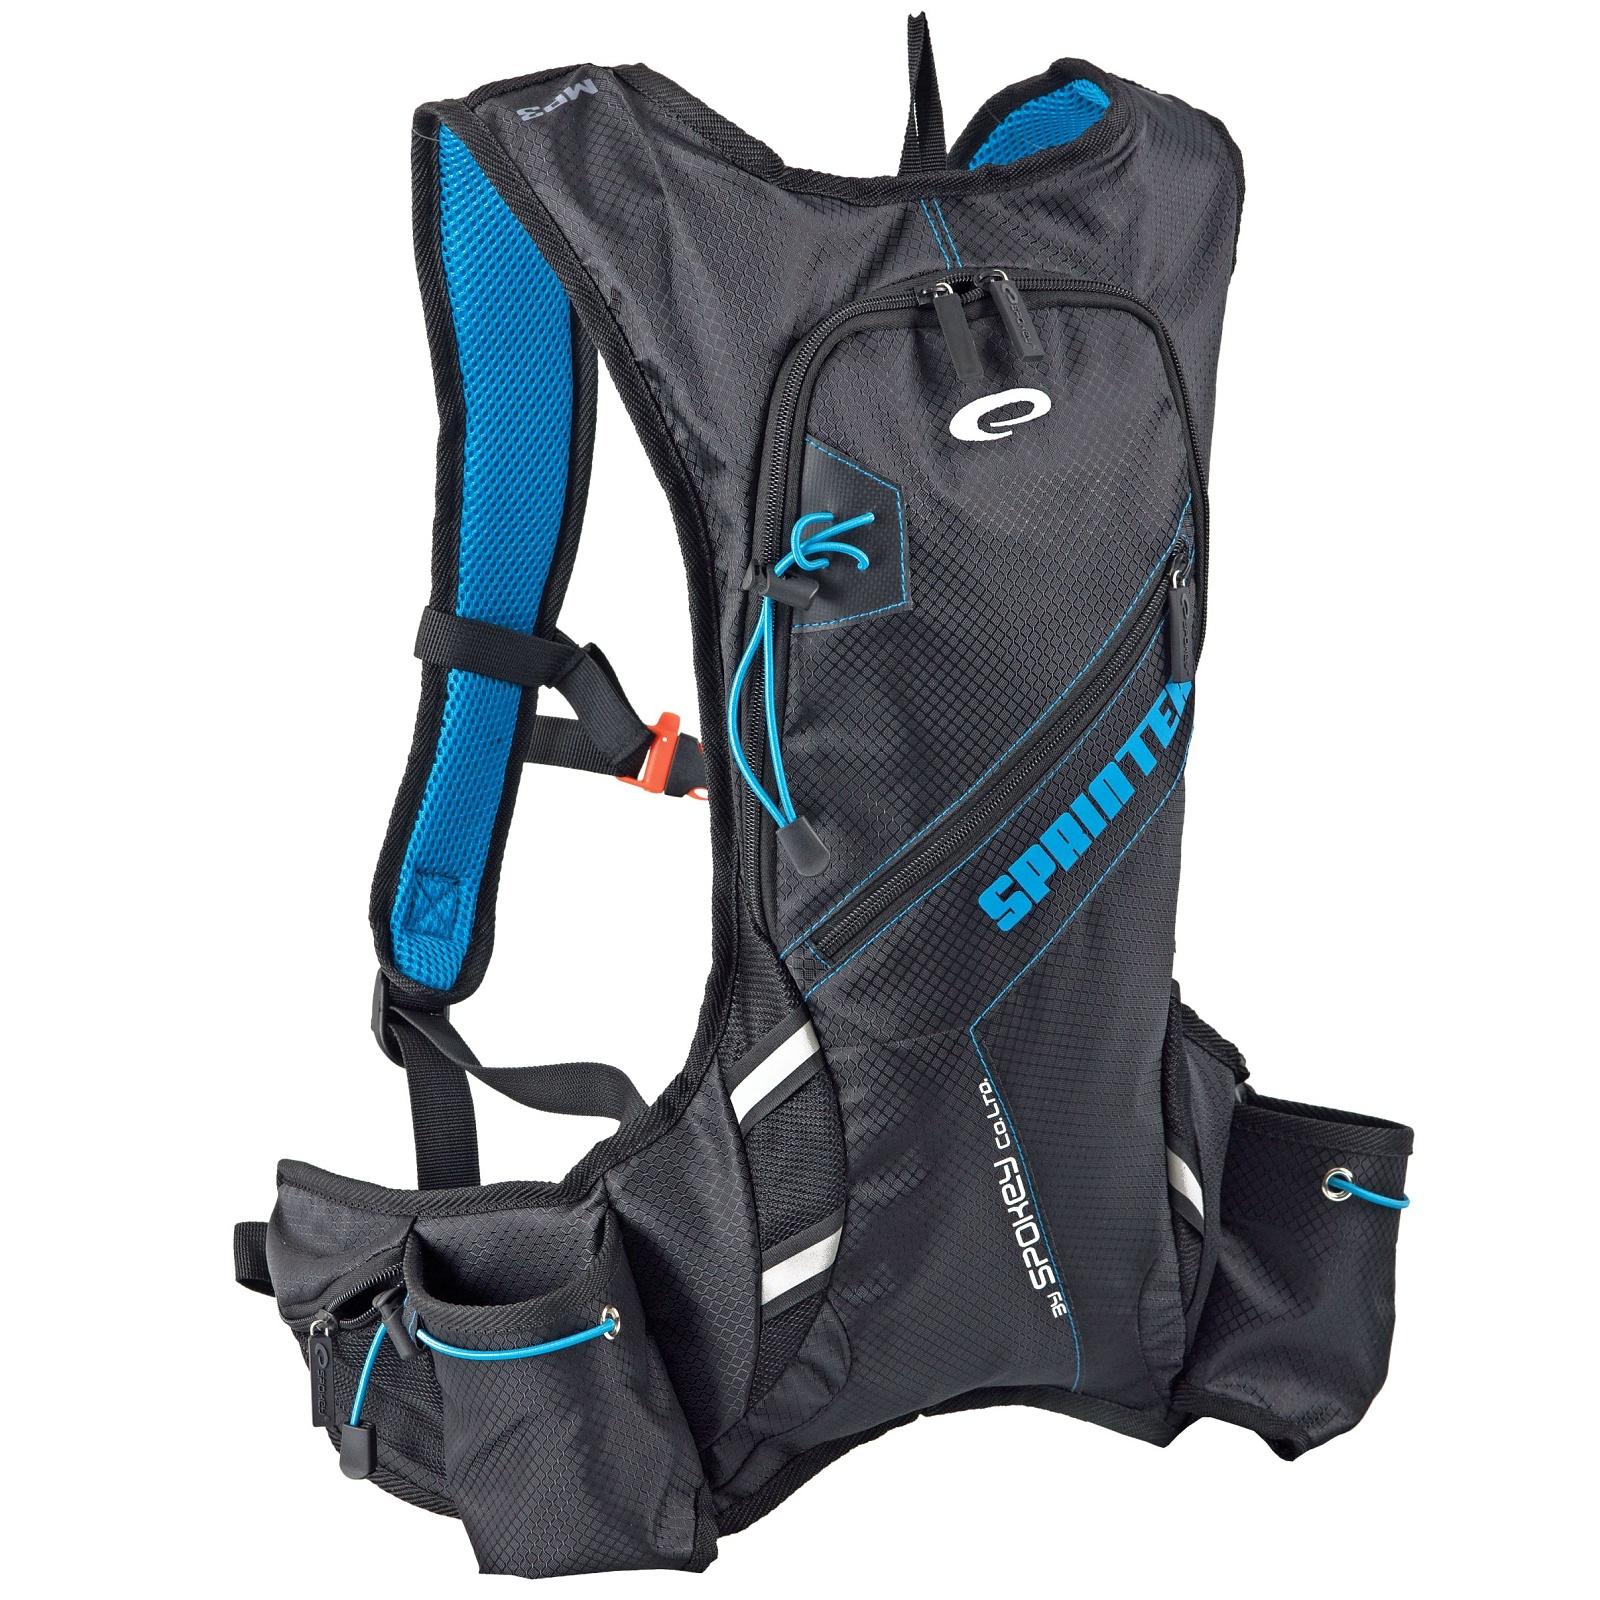 Batoh SPOKEY Sprinter 5L modro-černý, cyklistický